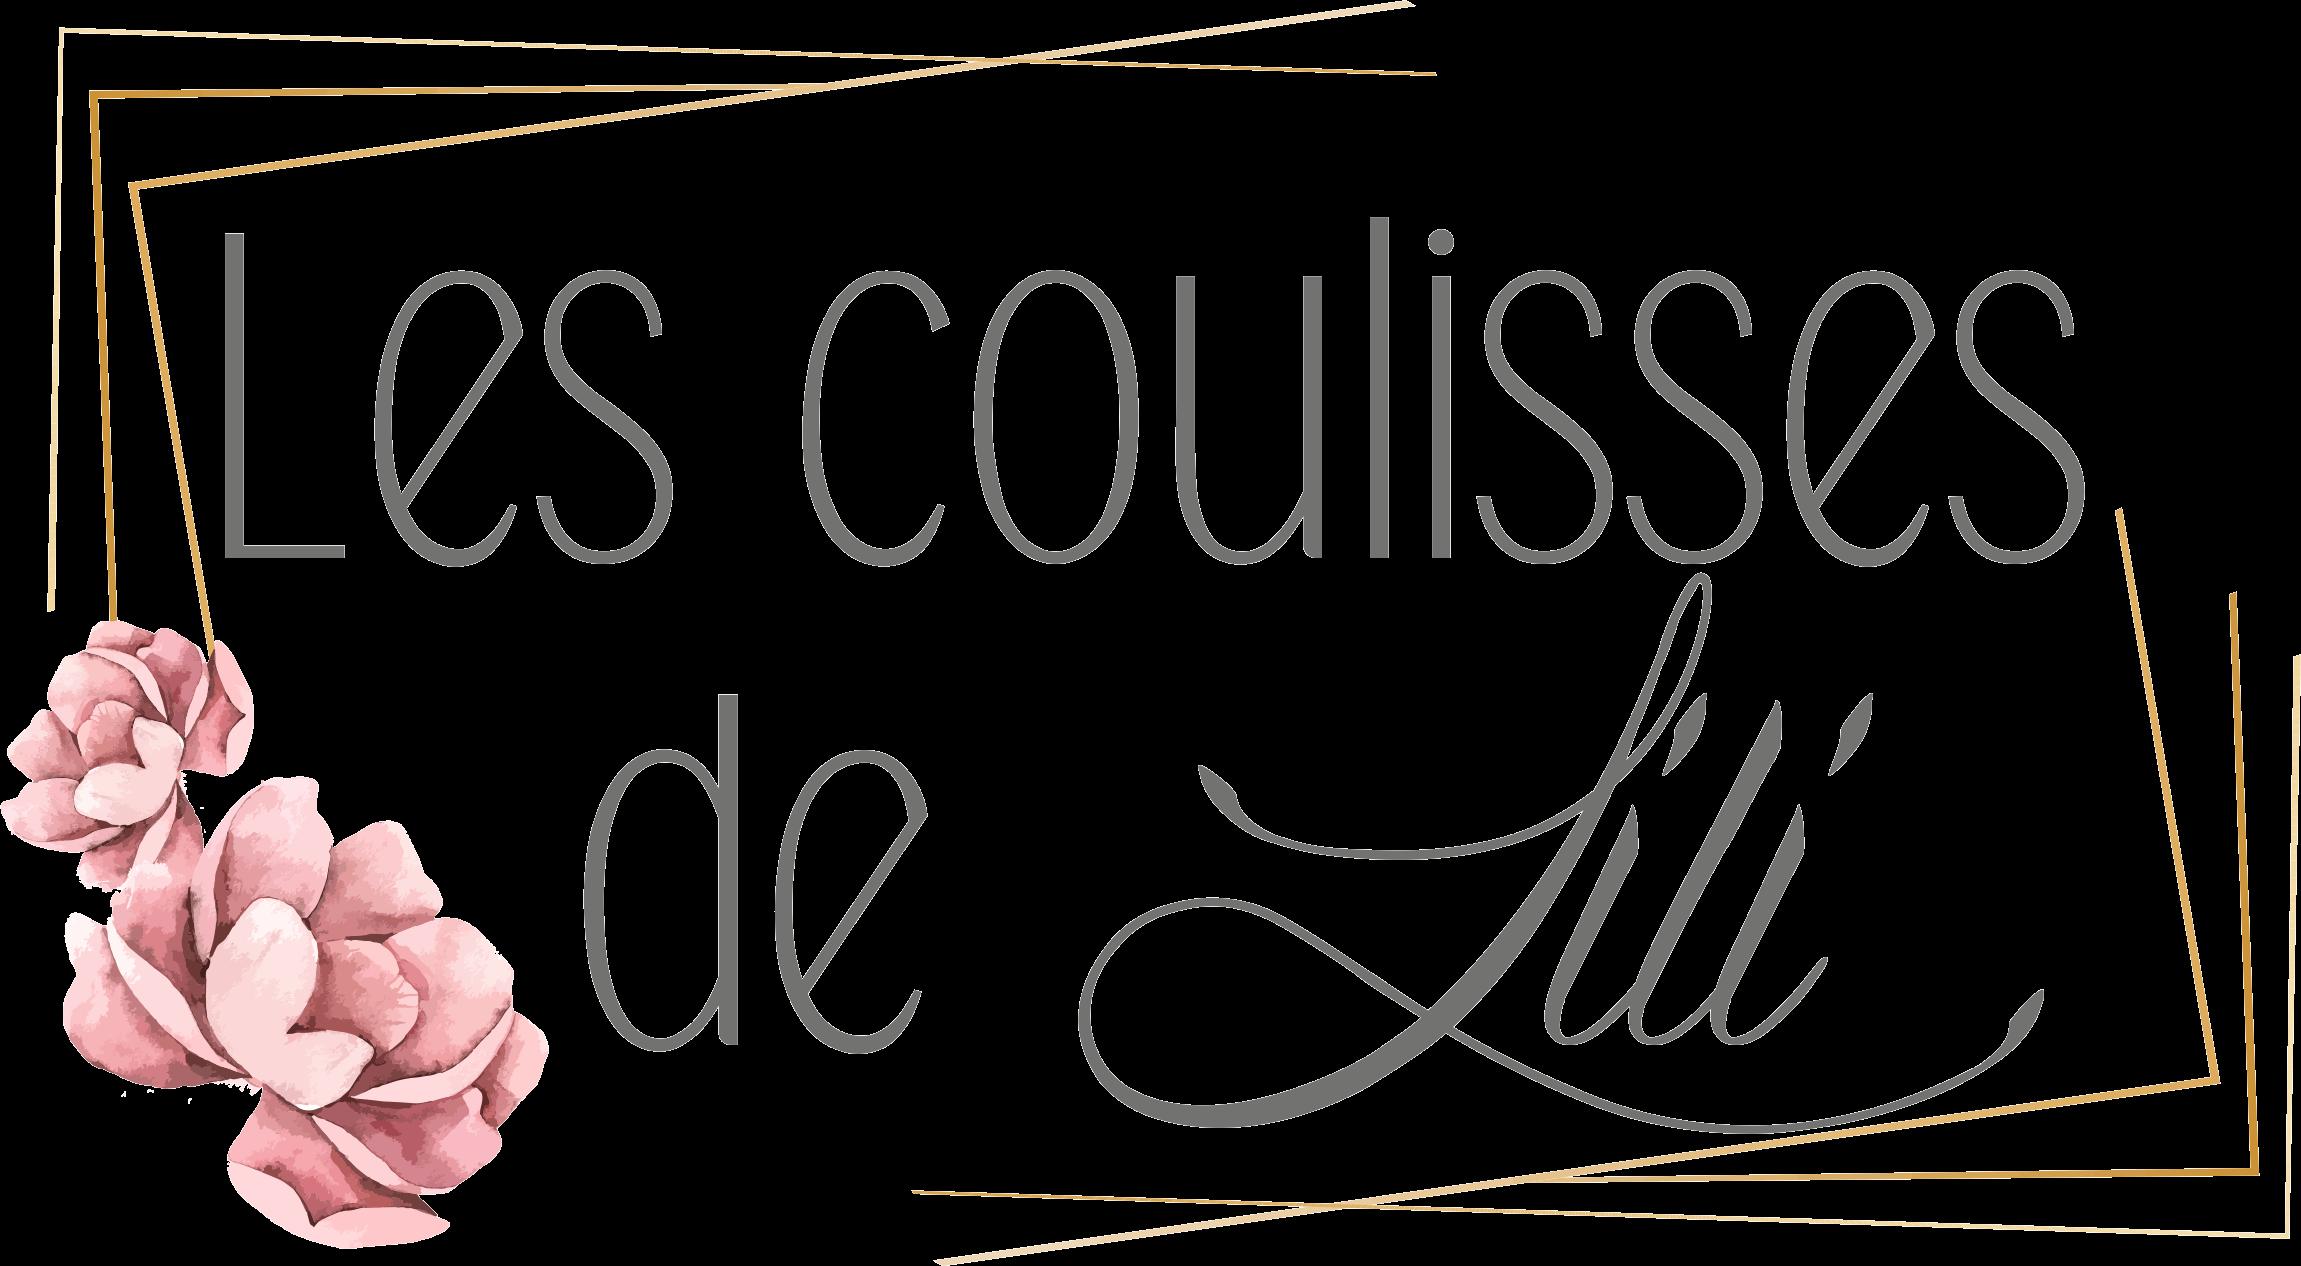 Nouvelle chroniqueuse : Stéphanie, wedding planner de l'agence «Les coulisses de Lili»